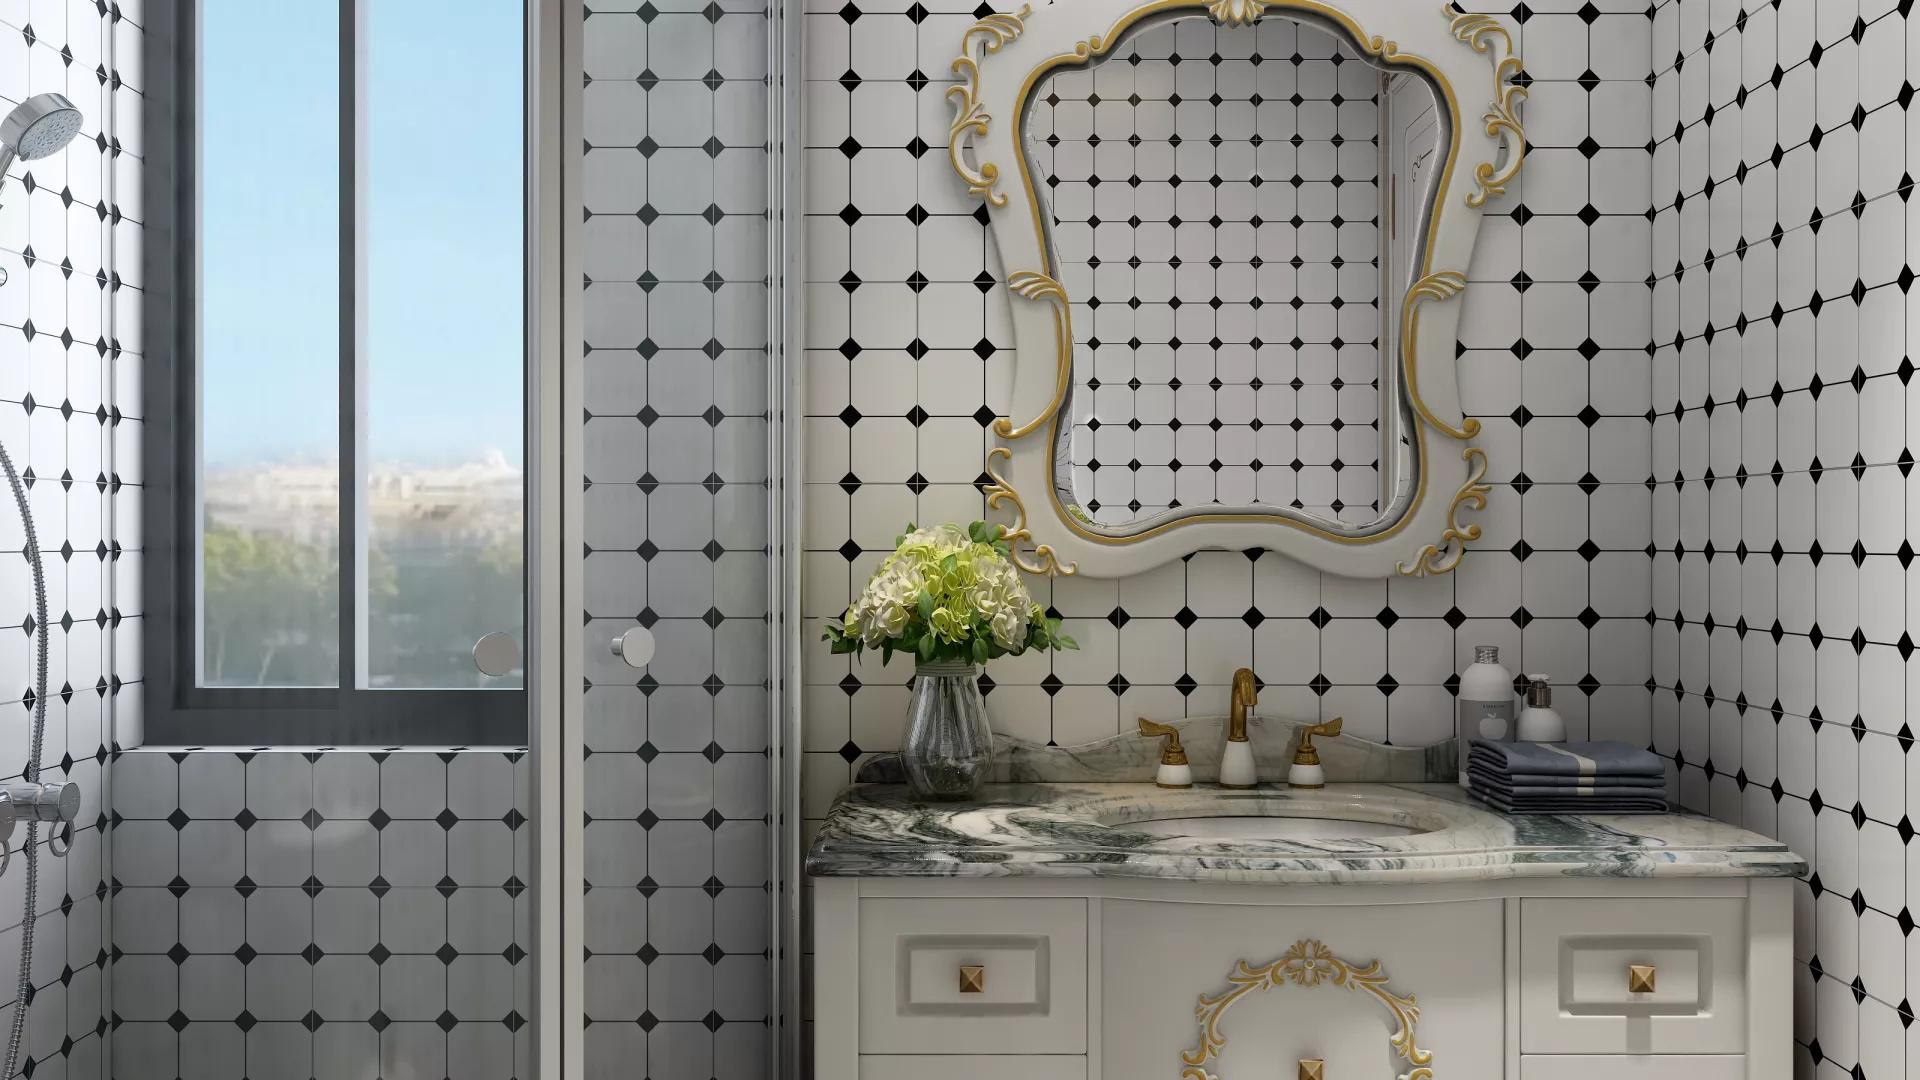 瓷砖怎么拼花 瓷砖清洗注意事项